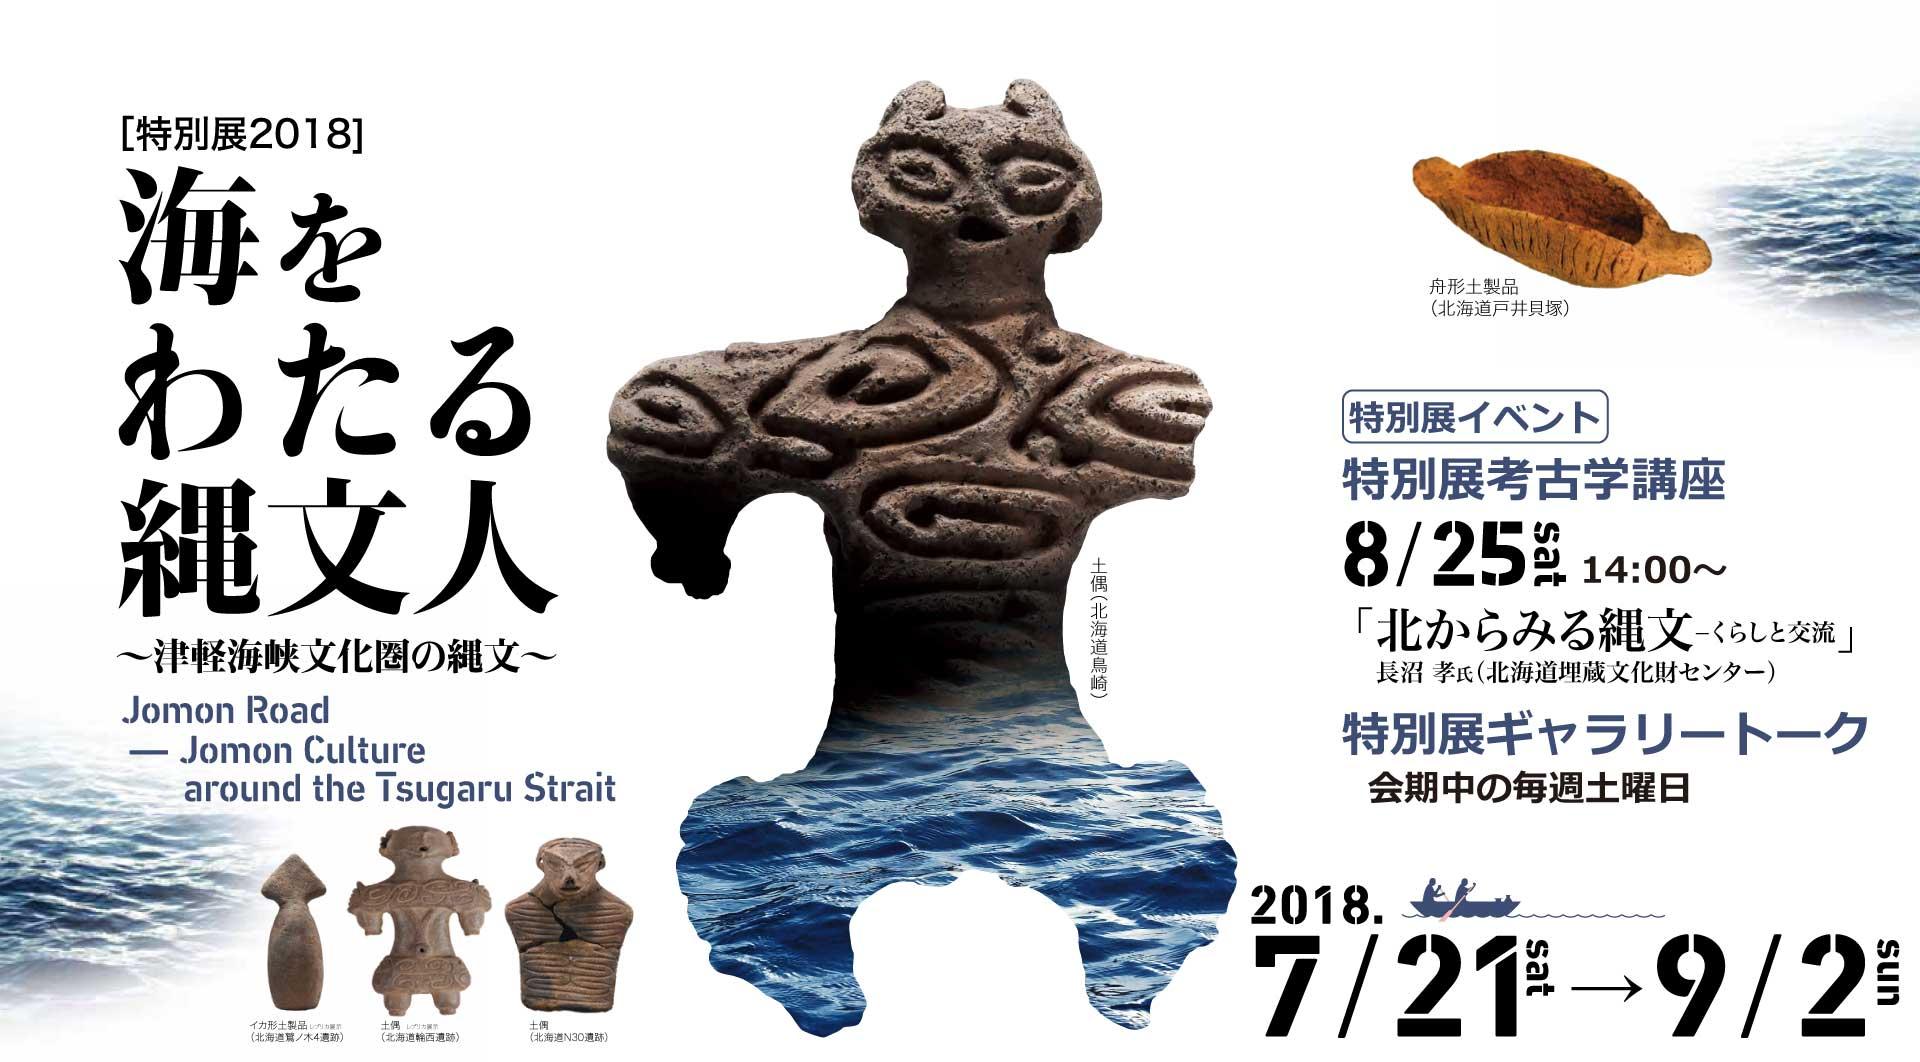 2018特別展「海をわたる縄文人」